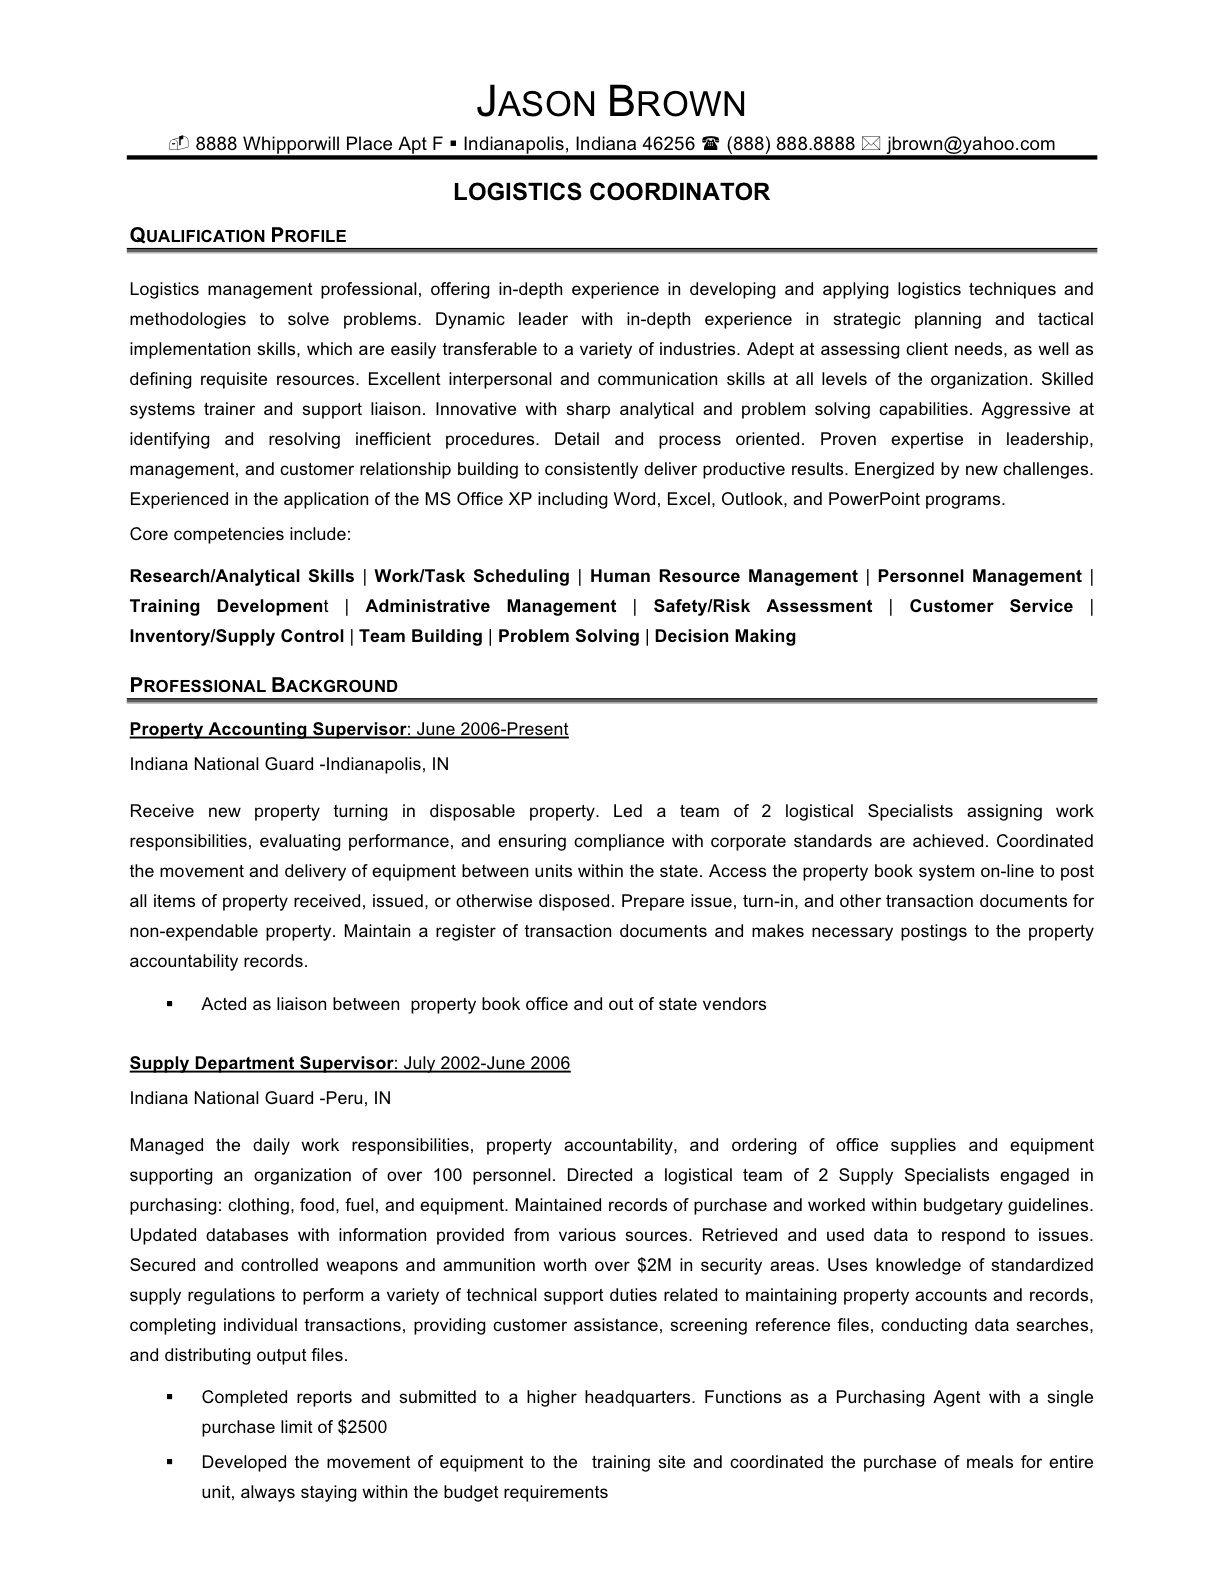 Senior Logistic Management Resume